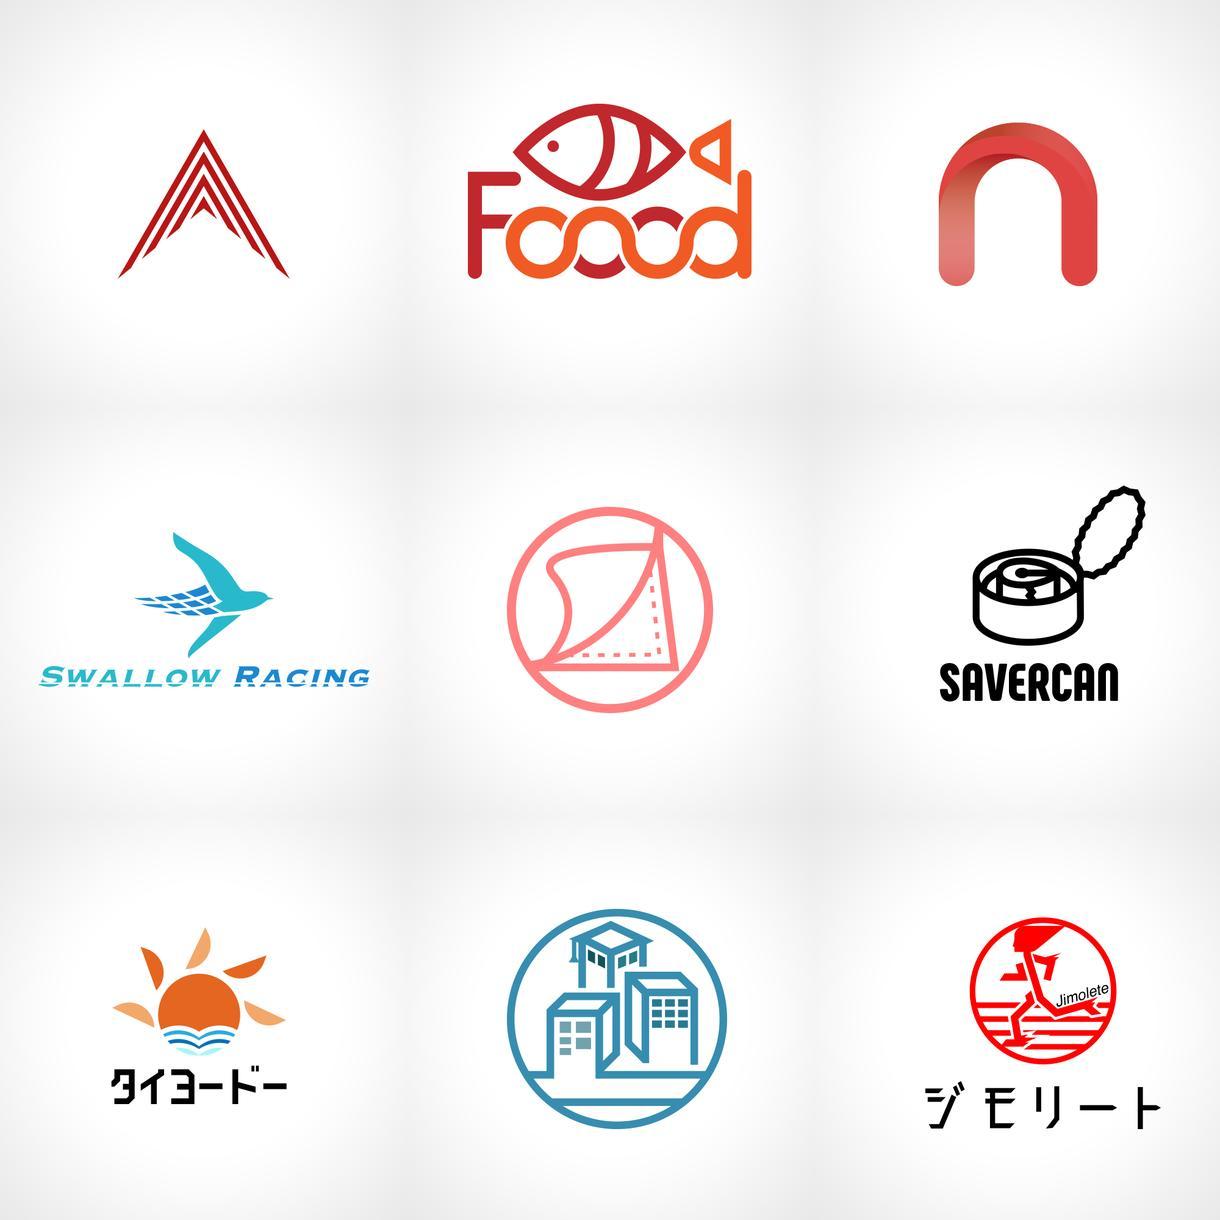 ななめうえのロゴデザインいたします 他とは一味違う「良い違和感」を感じるデザインをご提案します